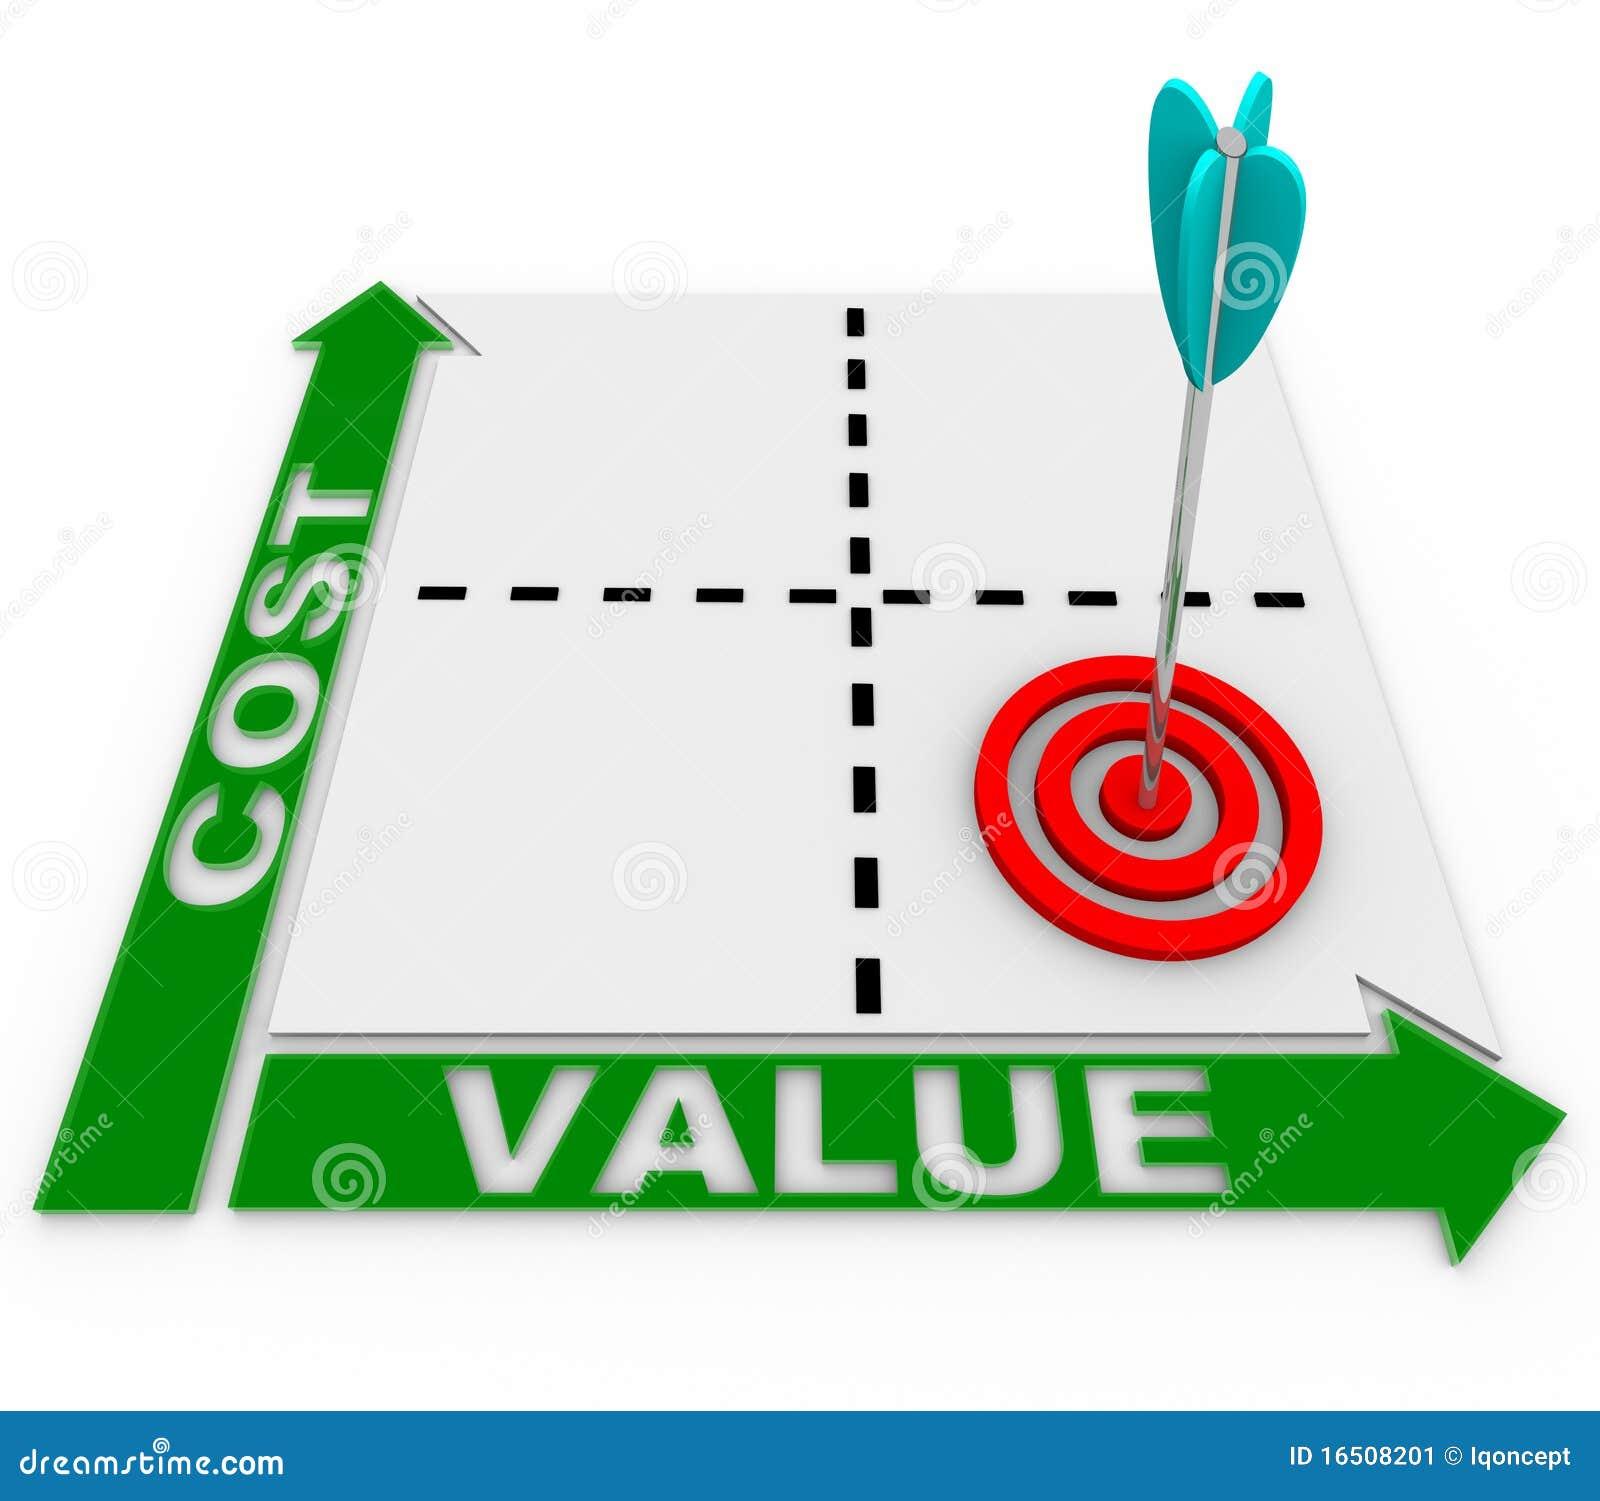 De Matrijs van de Waarde van kosten - Pijl en Doel